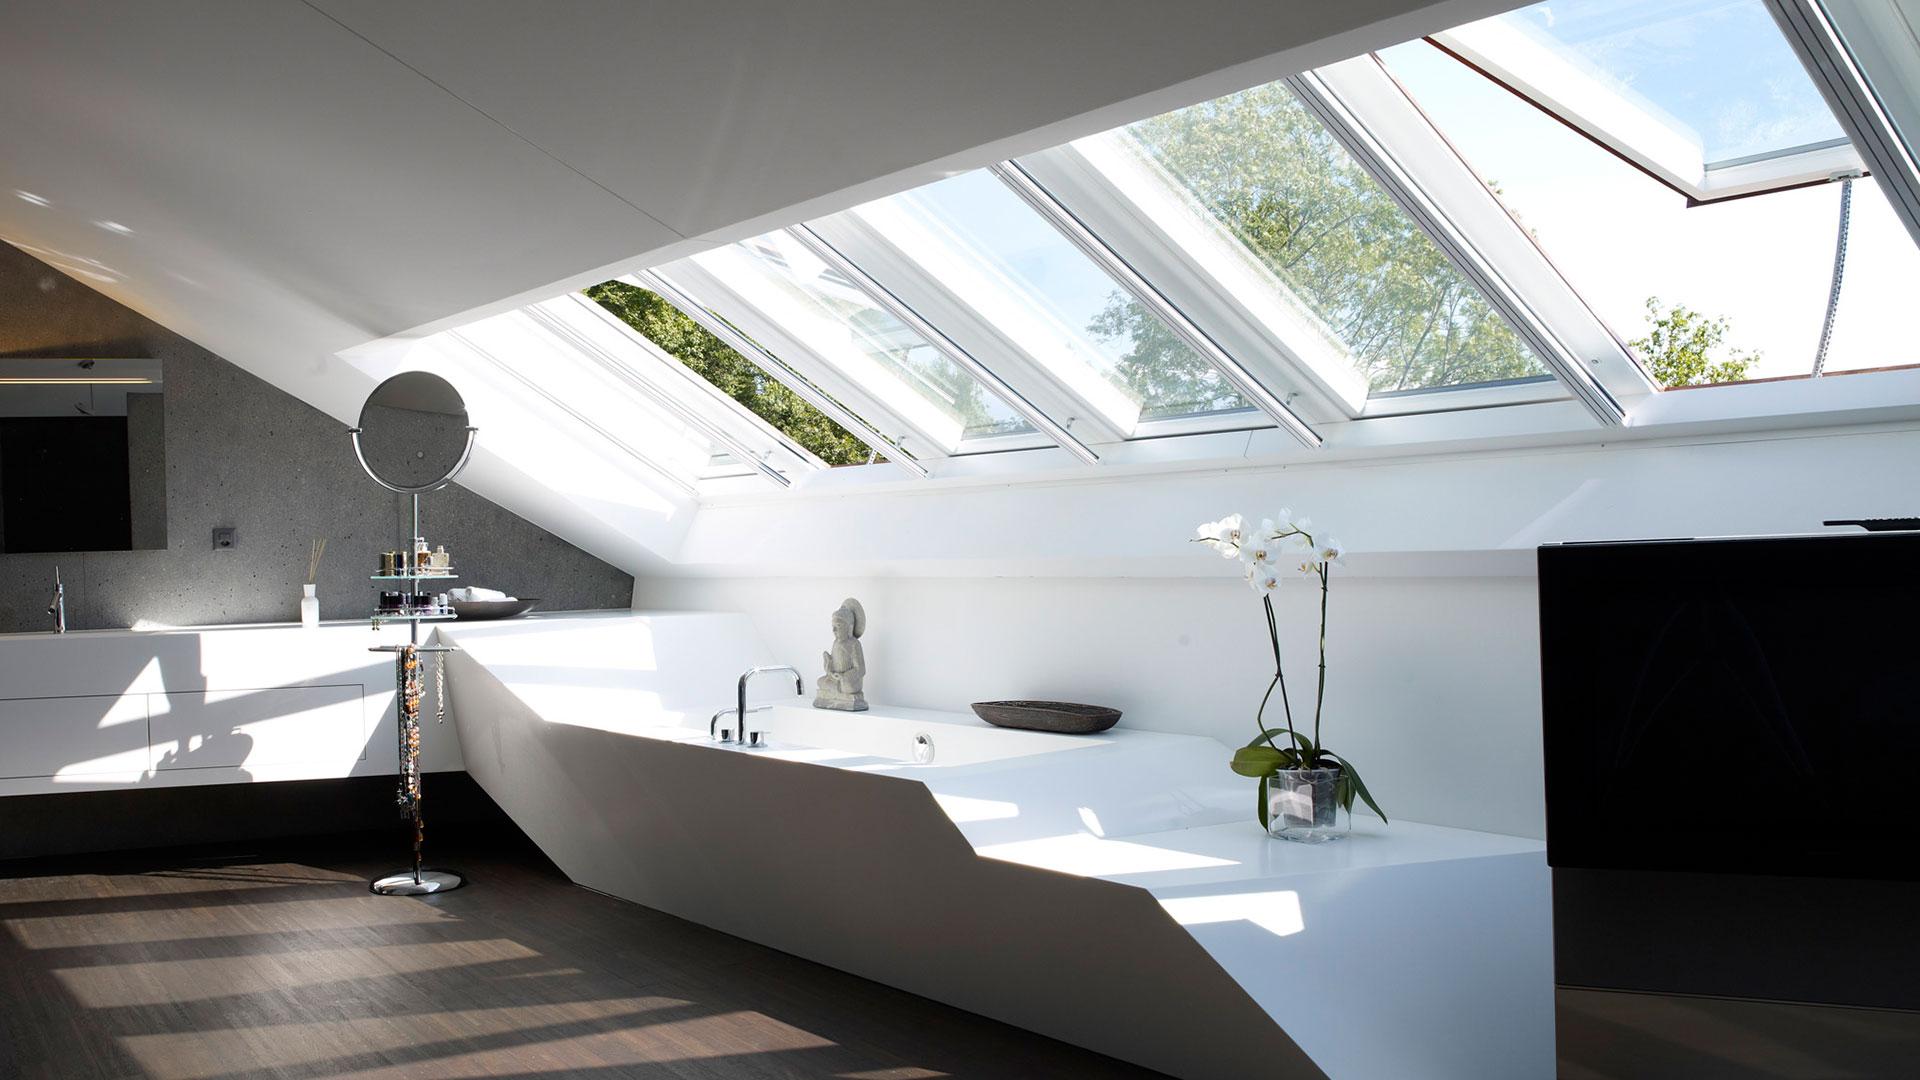 fenster mueller ag dachfl chenfenster dachfenster veluxfenster bern bern mittelland berner. Black Bedroom Furniture Sets. Home Design Ideas